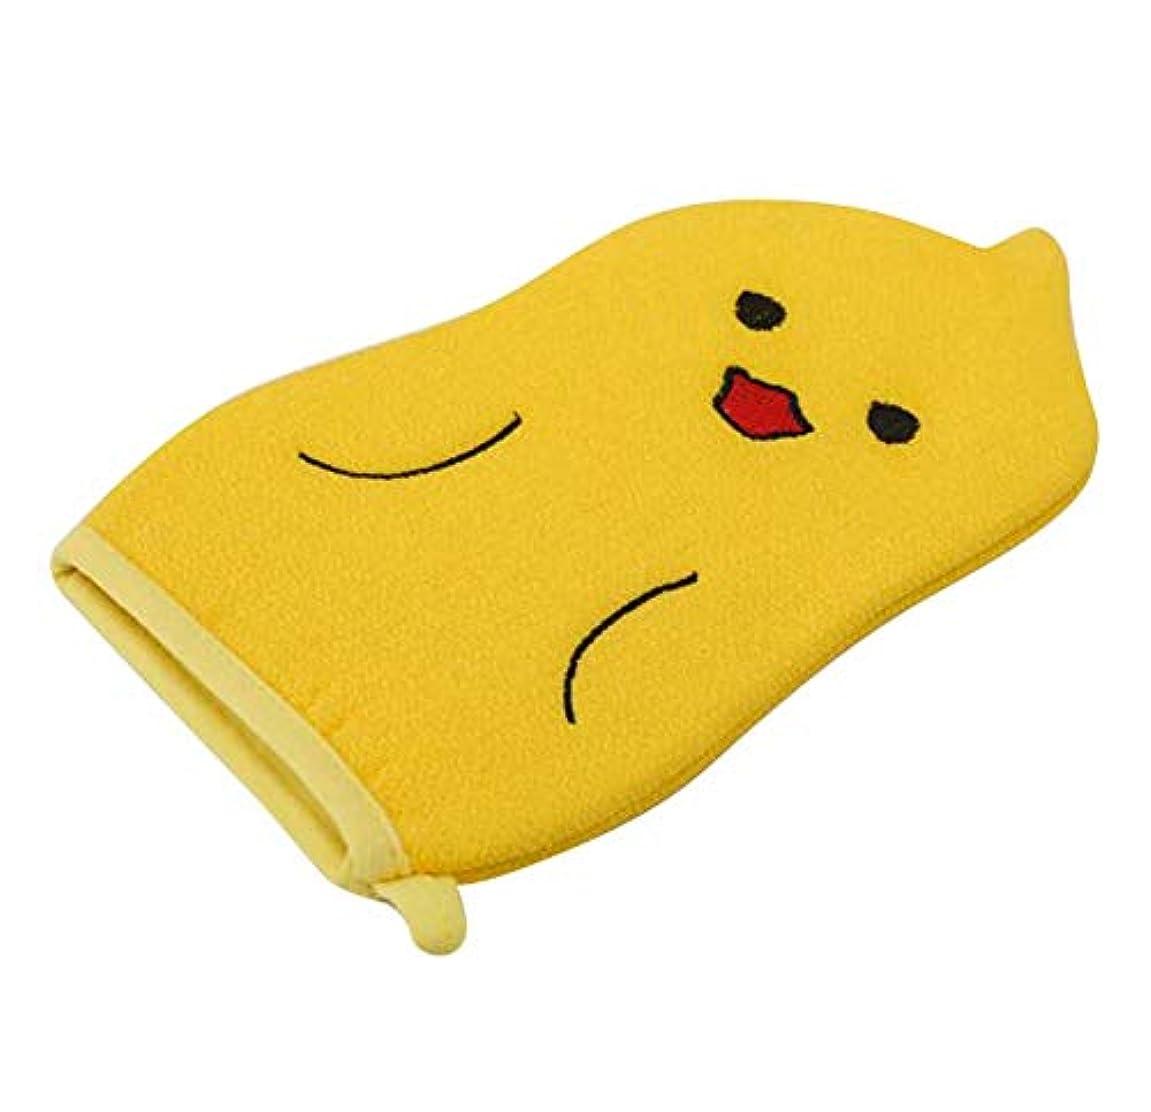 説明的結核悪化する子供用バスタオル、赤ちゃんかわいい漫画角質除去バス手袋、C01